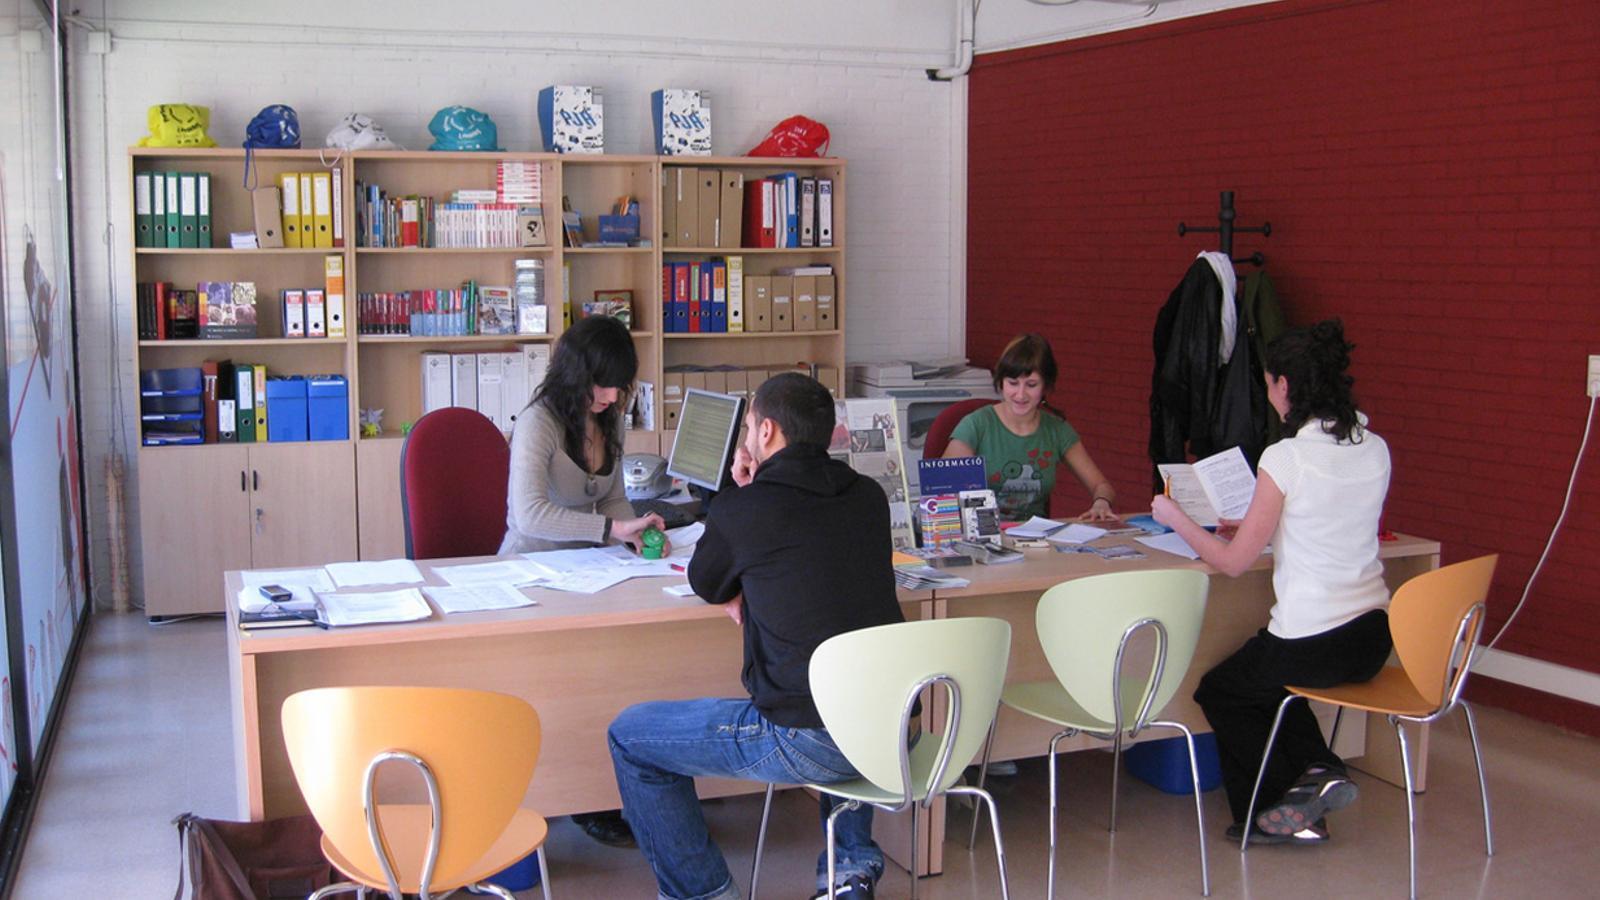 Els aturats de la seu rebran les ofertes laborals d 39 andorra for Oficina jove de treball